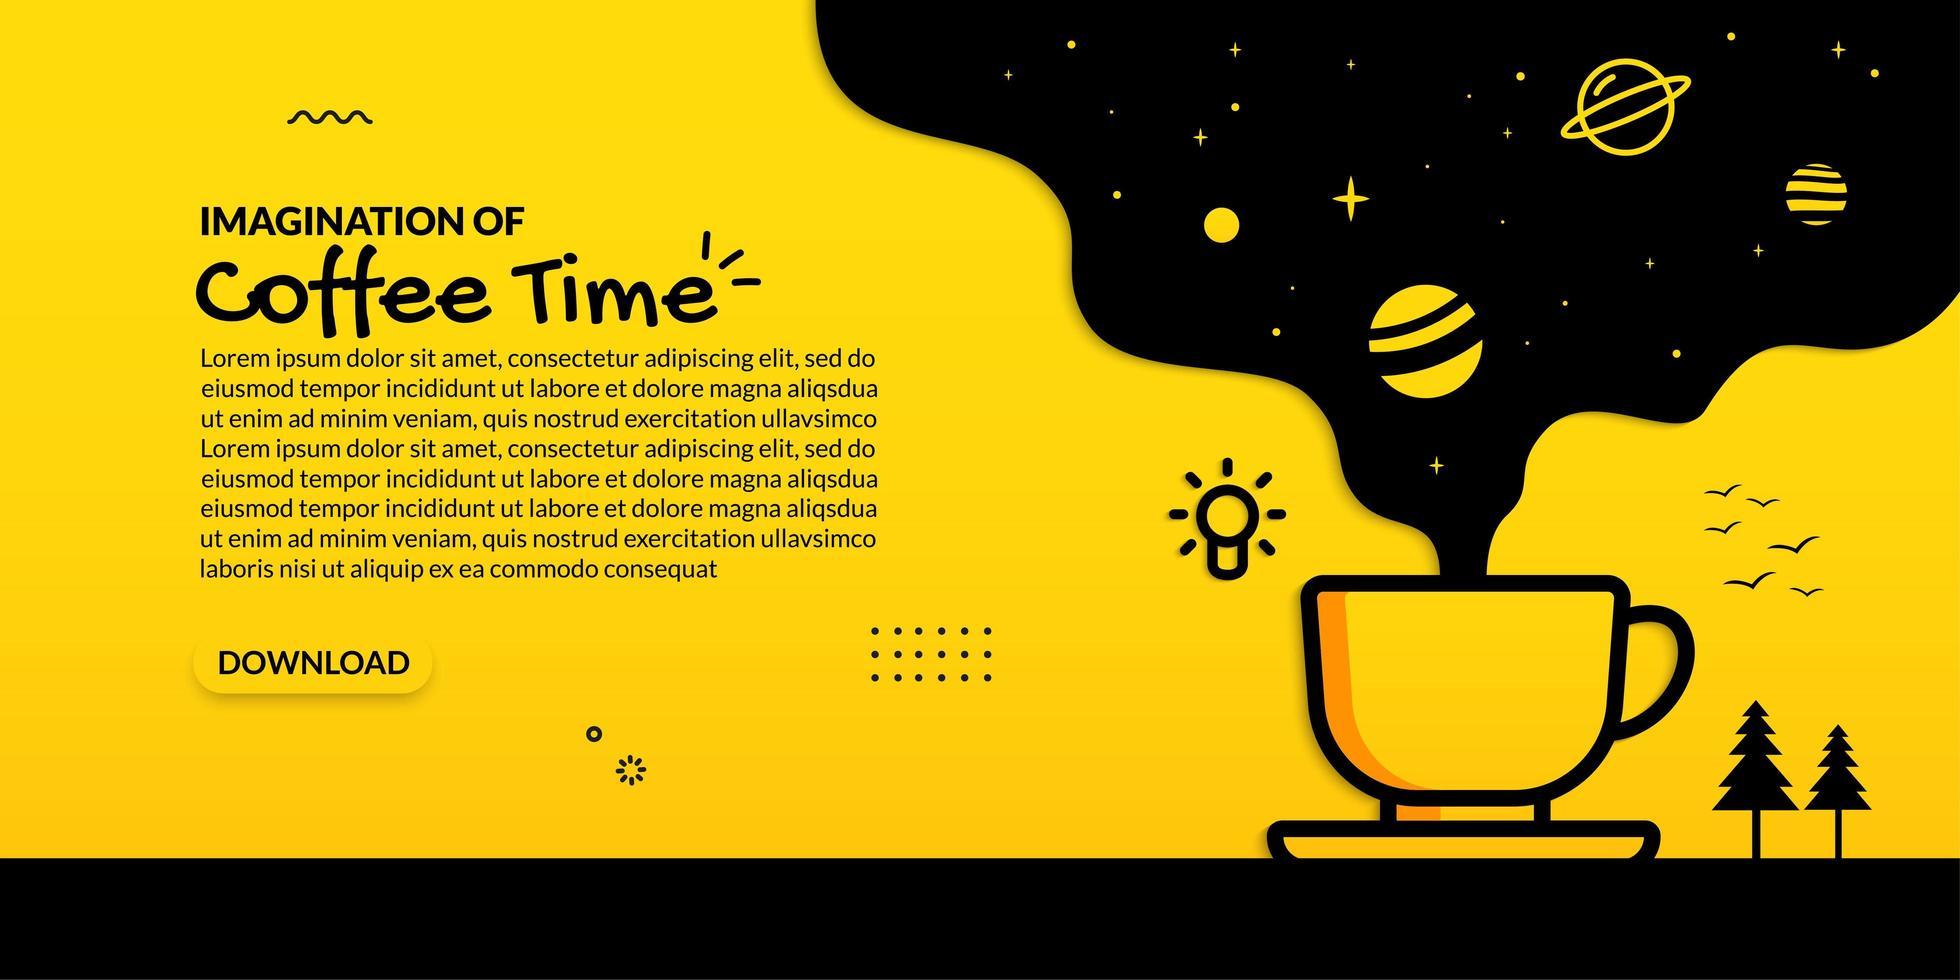 scnee espacial que fluye de la taza de café vector